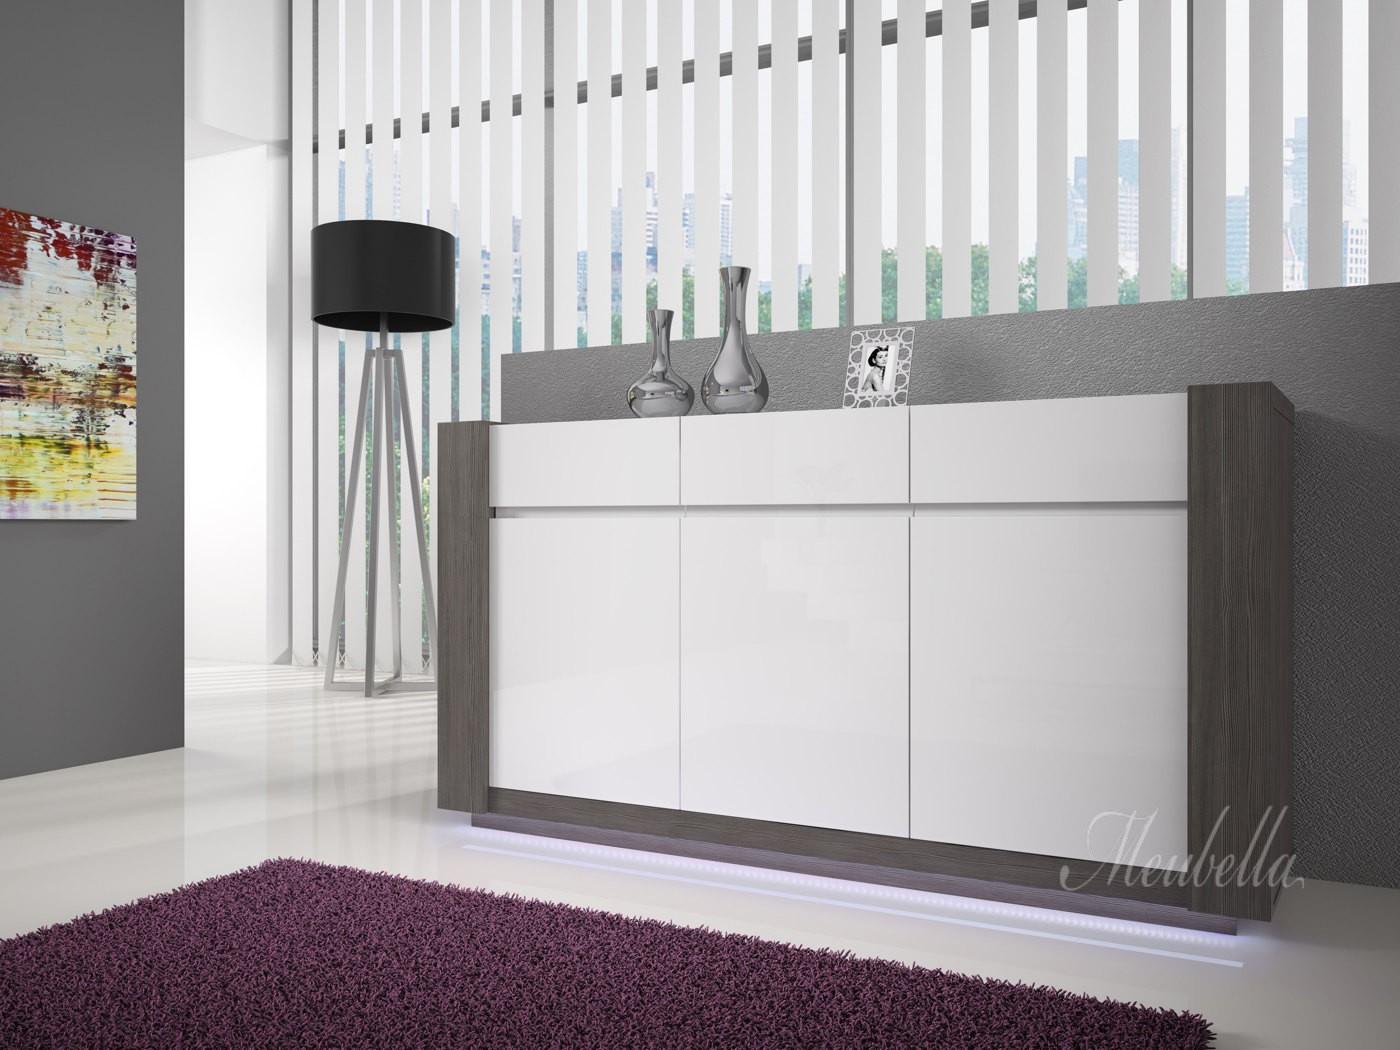 Witte Kast Woonkamer : Kast woonkamer wit sollefte nieuw ikea ikeanl wit lamp